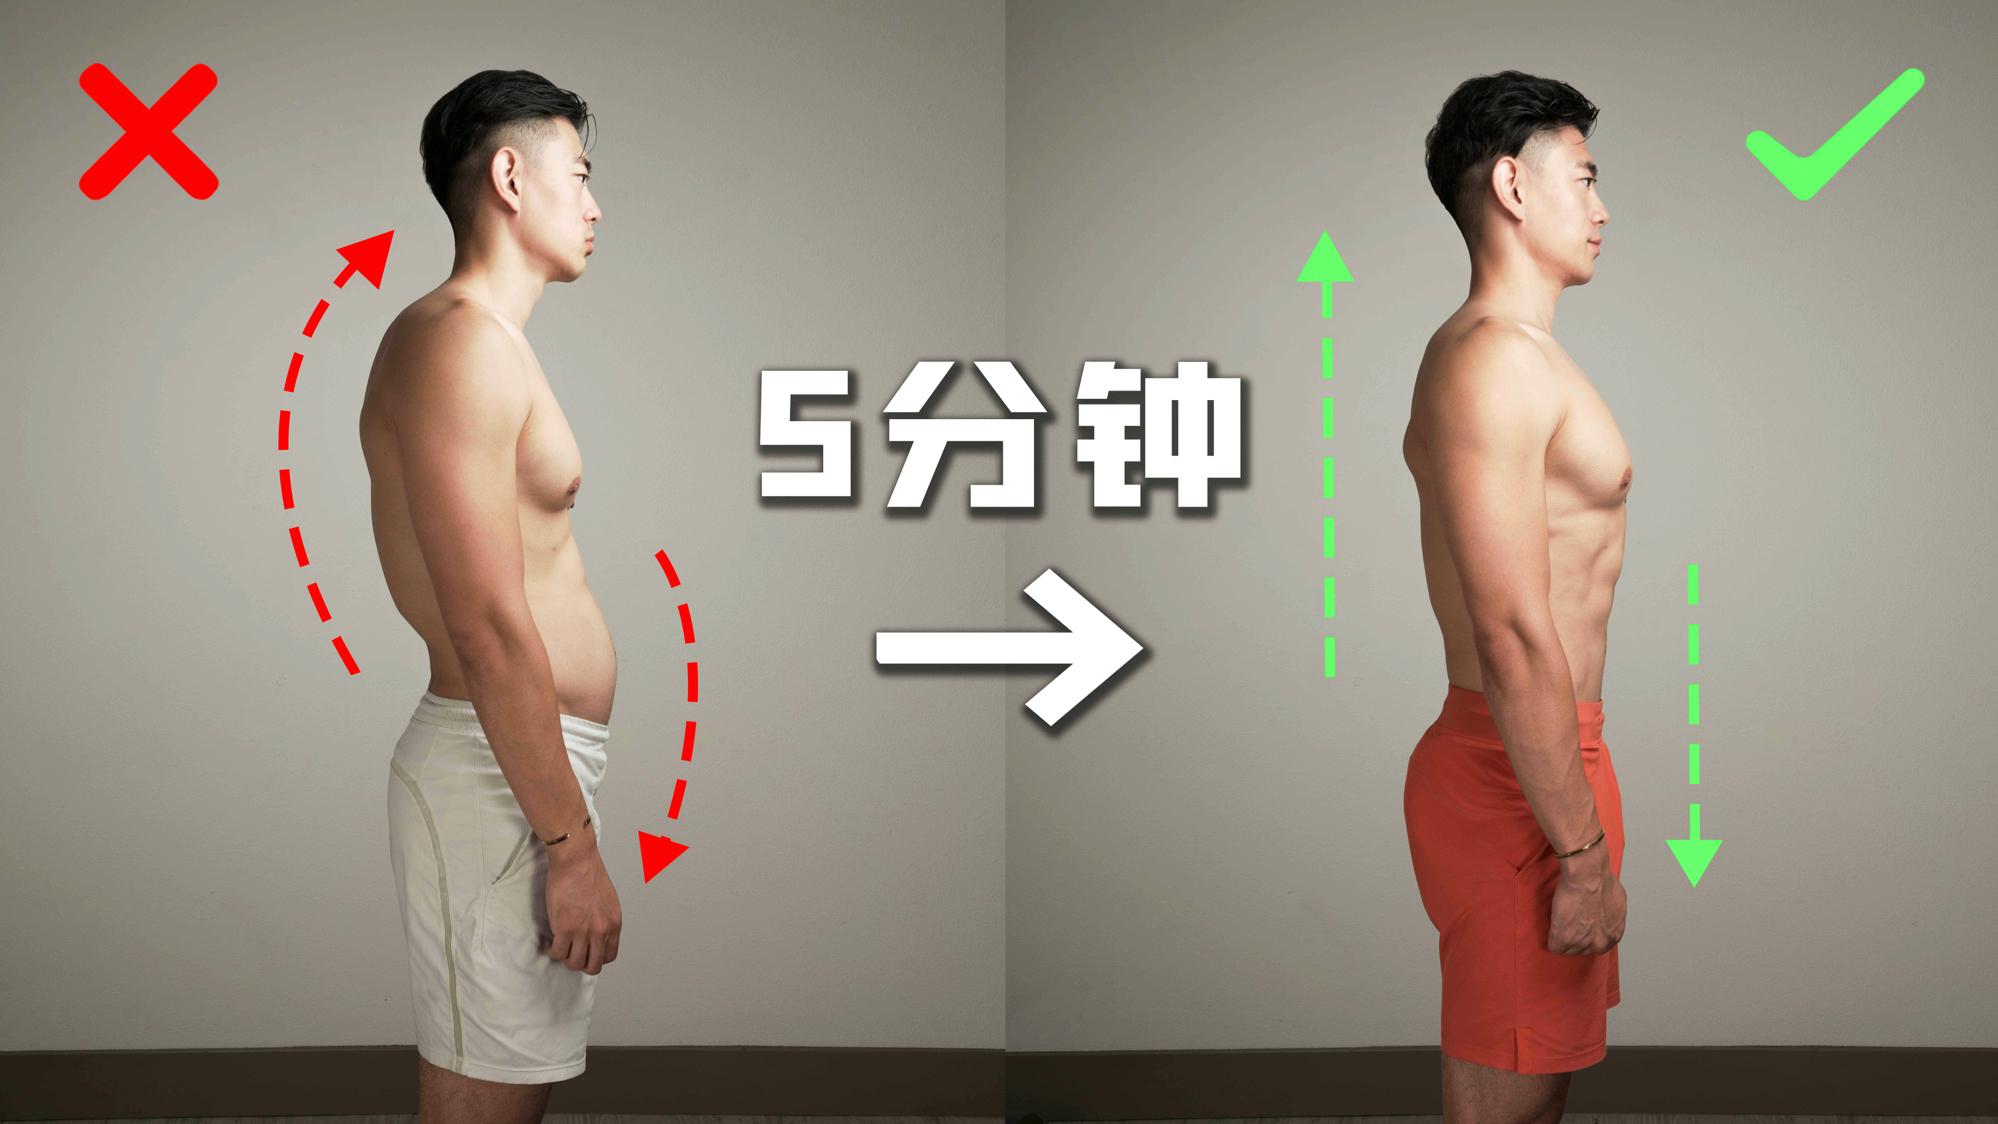 【改善体态】5分钟全身体态训练 (起床必备)